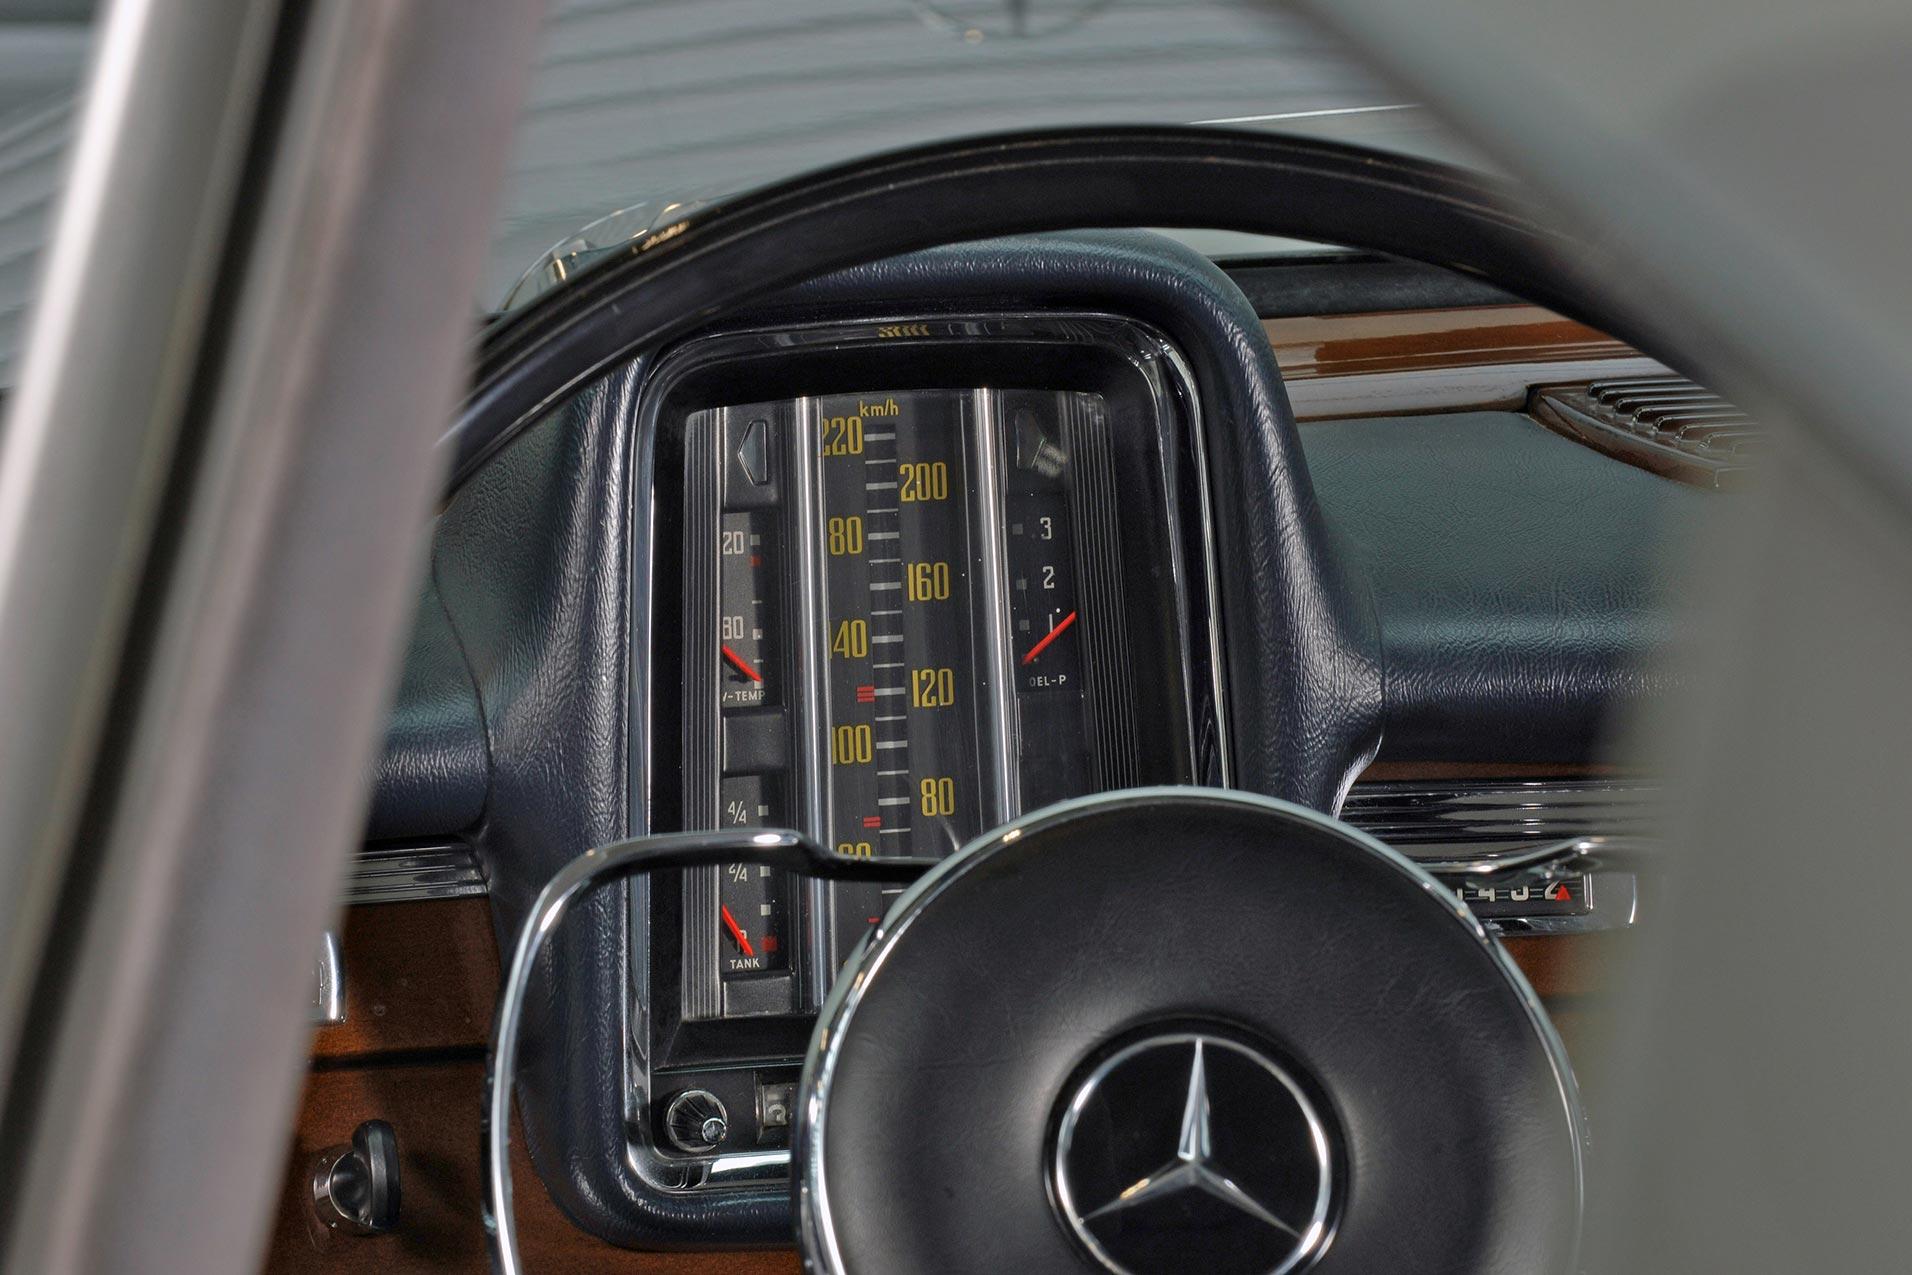 """Mercedes-Benz """"Heckflossen""""-Limousine der Baureihen W 111/W 112 (1959 bis 1965), Anzeigekonzept. Foto eines 300 SE lang, Baujahr 1964, aufgenommen im Jahr 2005."""